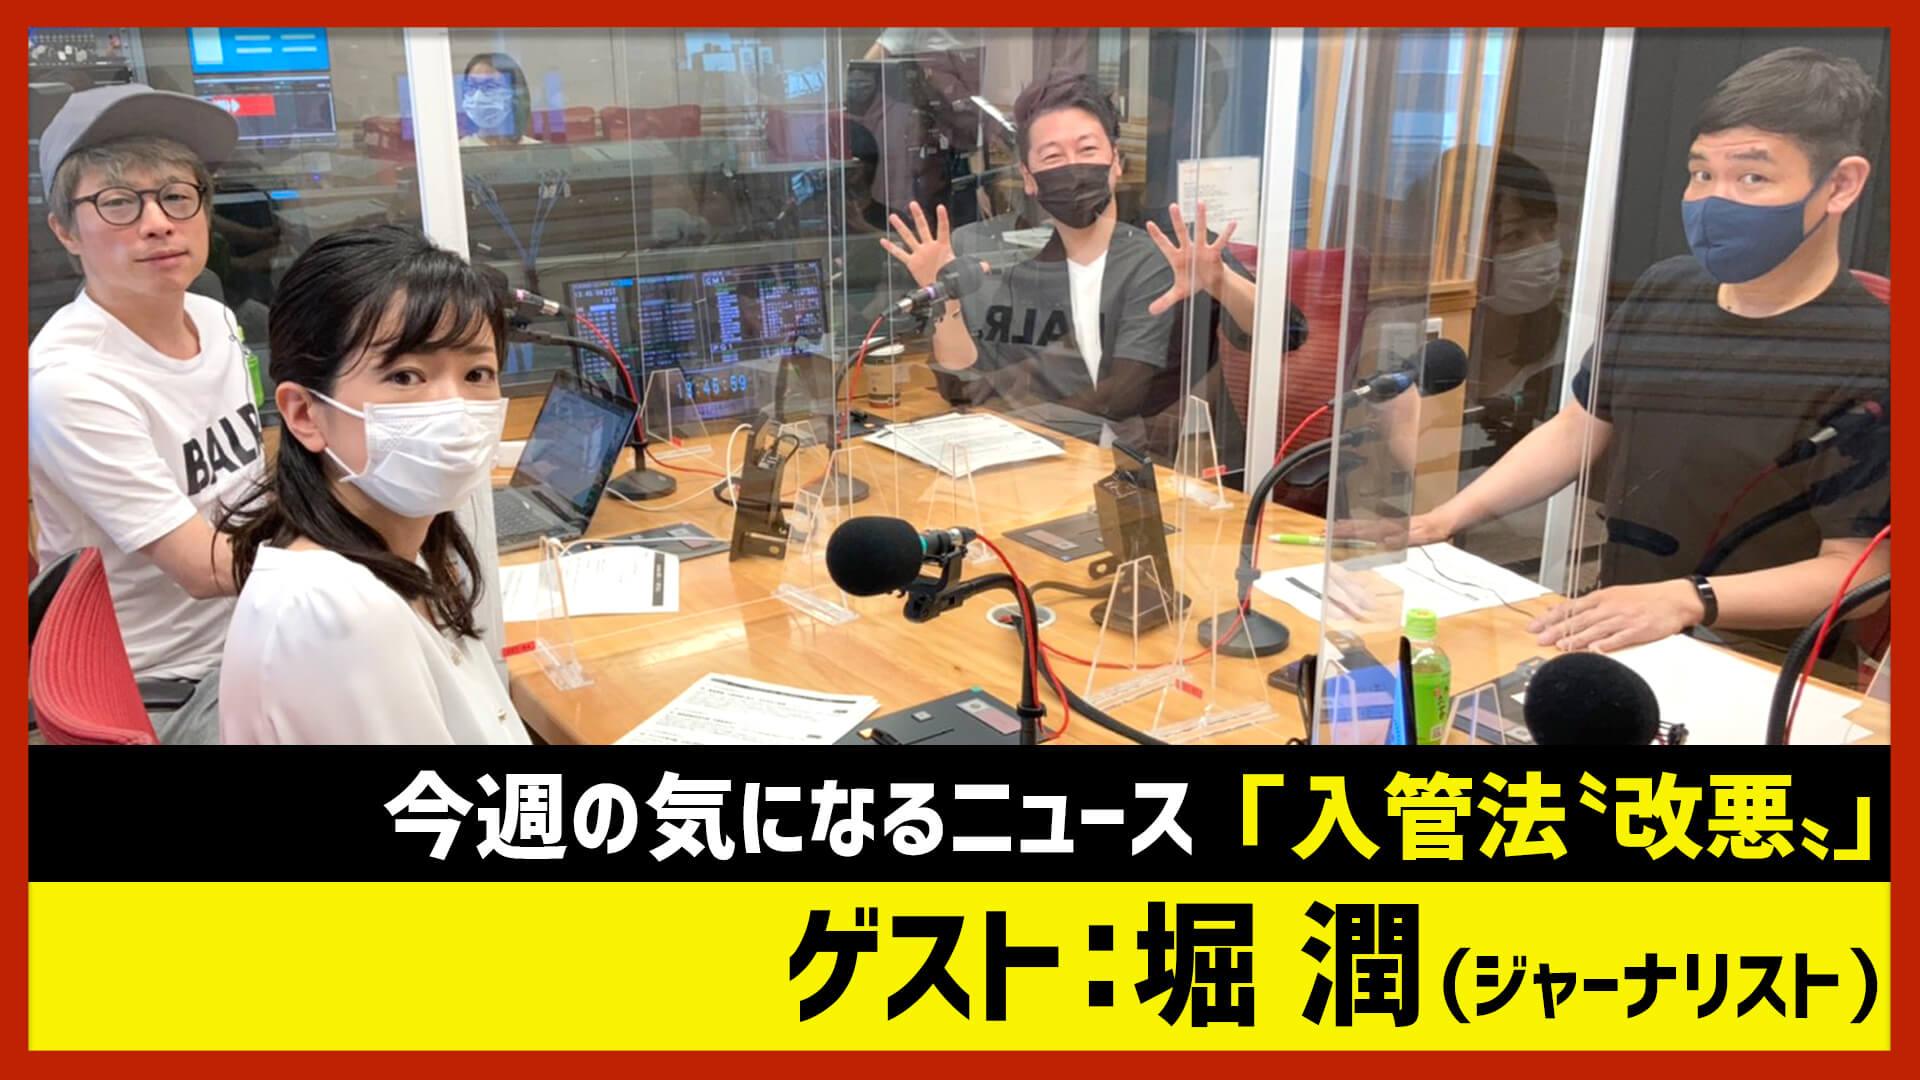 【田村淳のNewsCLUB】ゲスト: 堀潤さん(2021年5月8日前半)